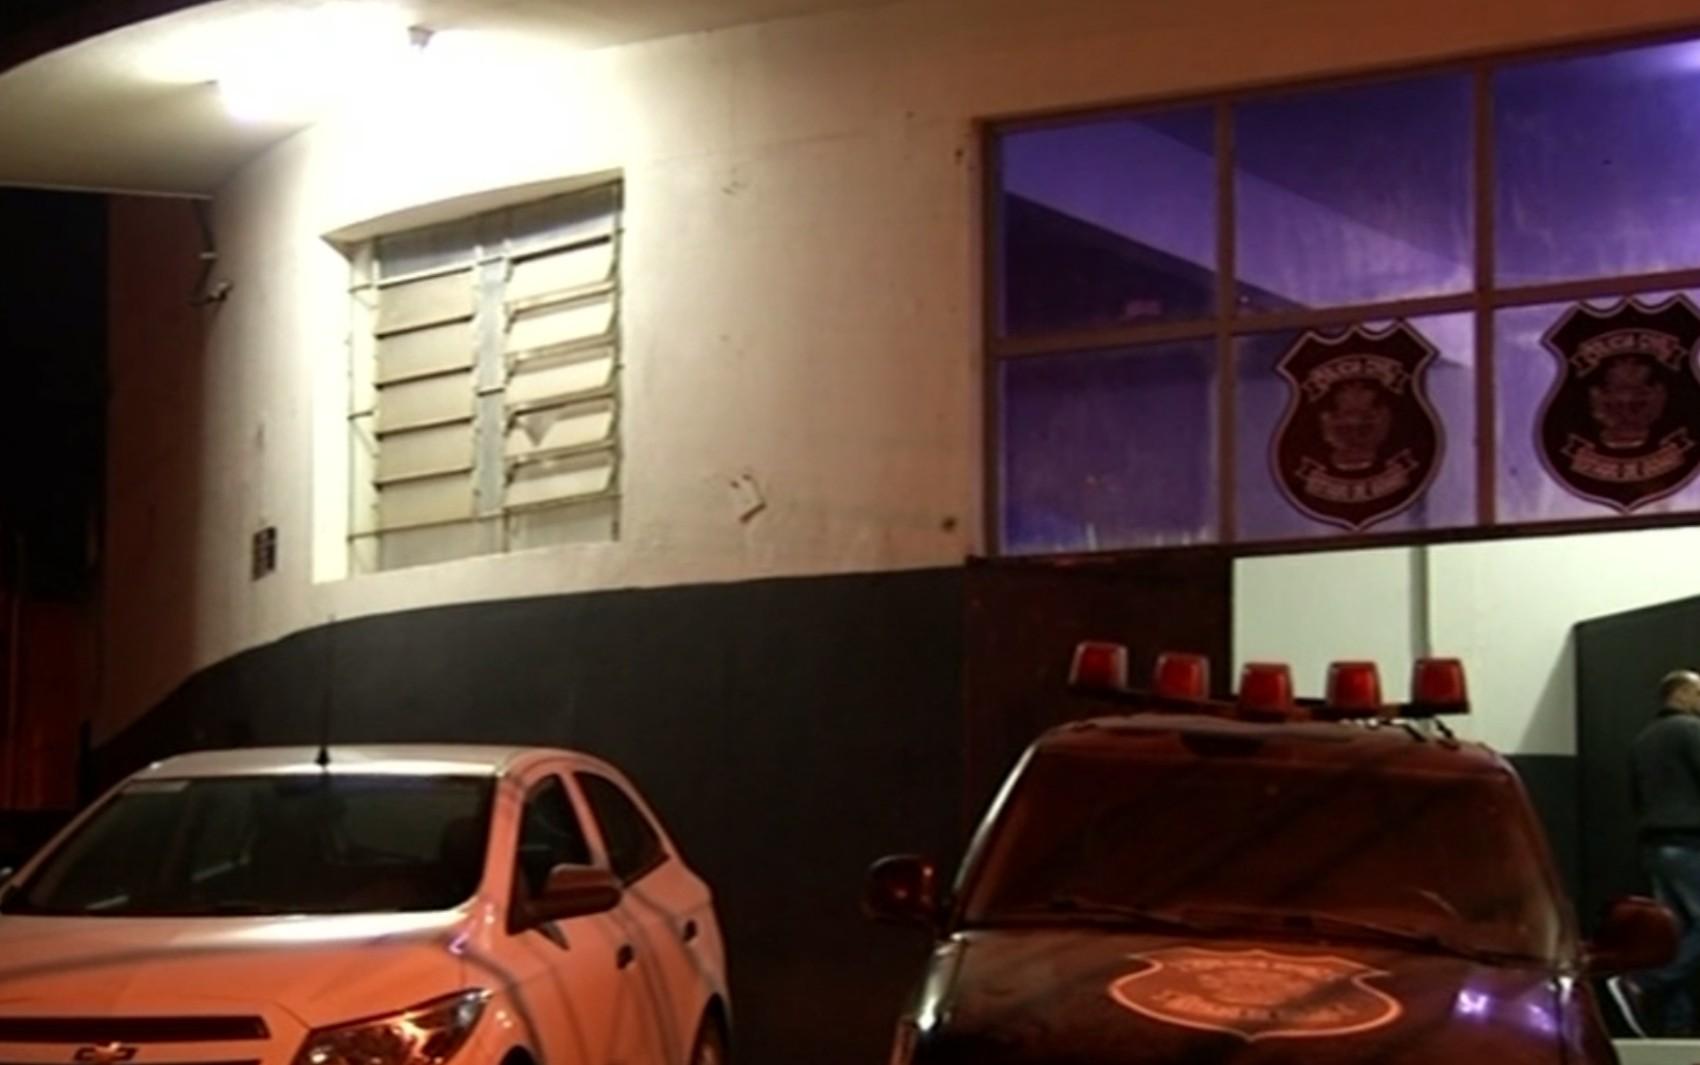 Homem é preso suspeito de esfaquear mulher e amante após chegar em casa e encontrá-los na cama, em Ouro Verde de Goiás